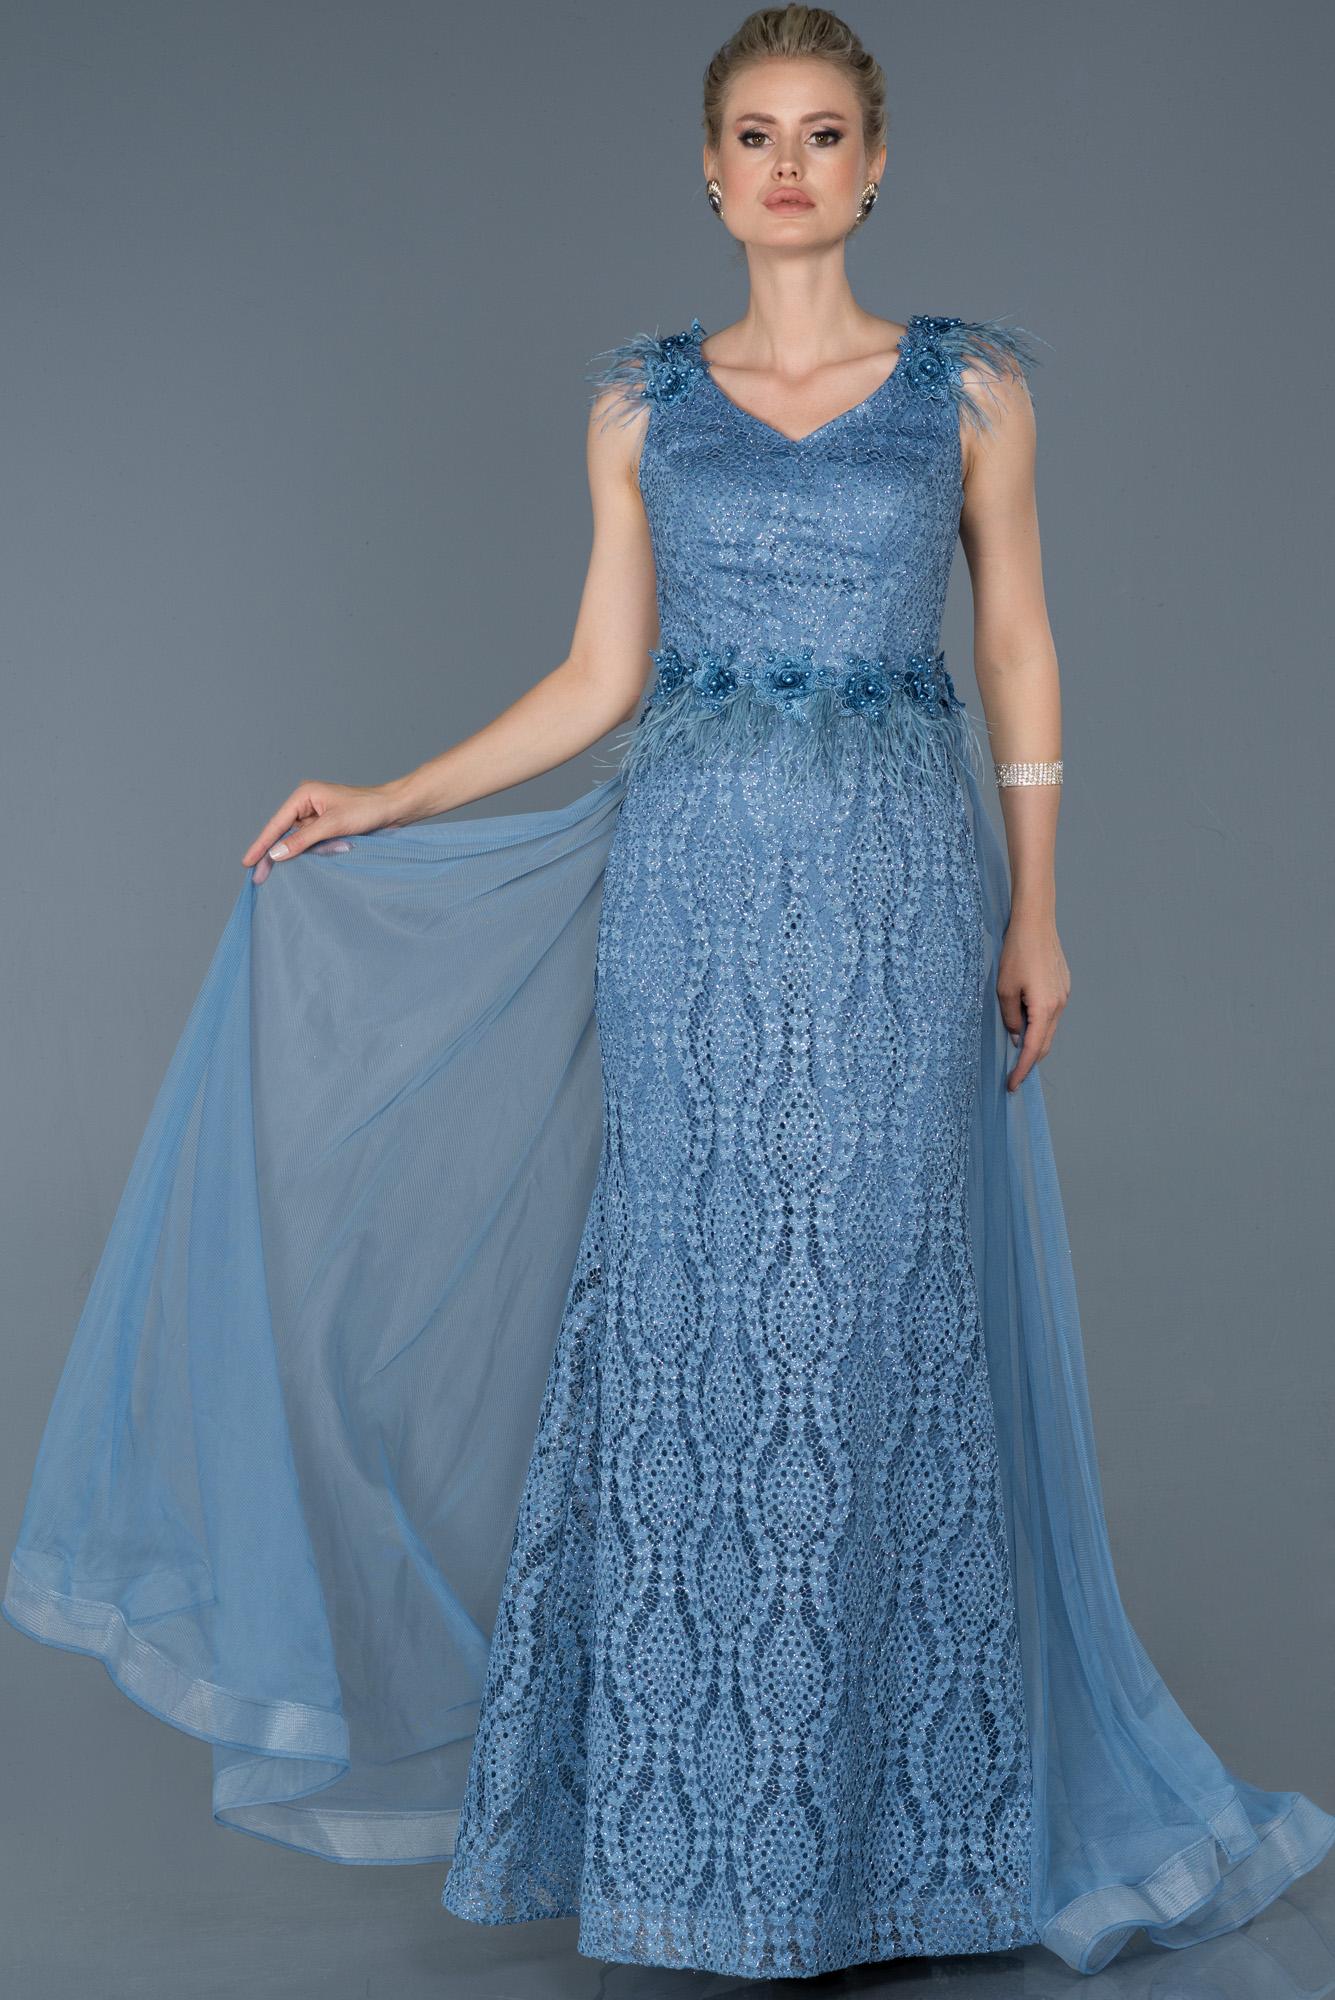 Indigo Güpürlü Kuyruk Detaylı Abiye Elbise